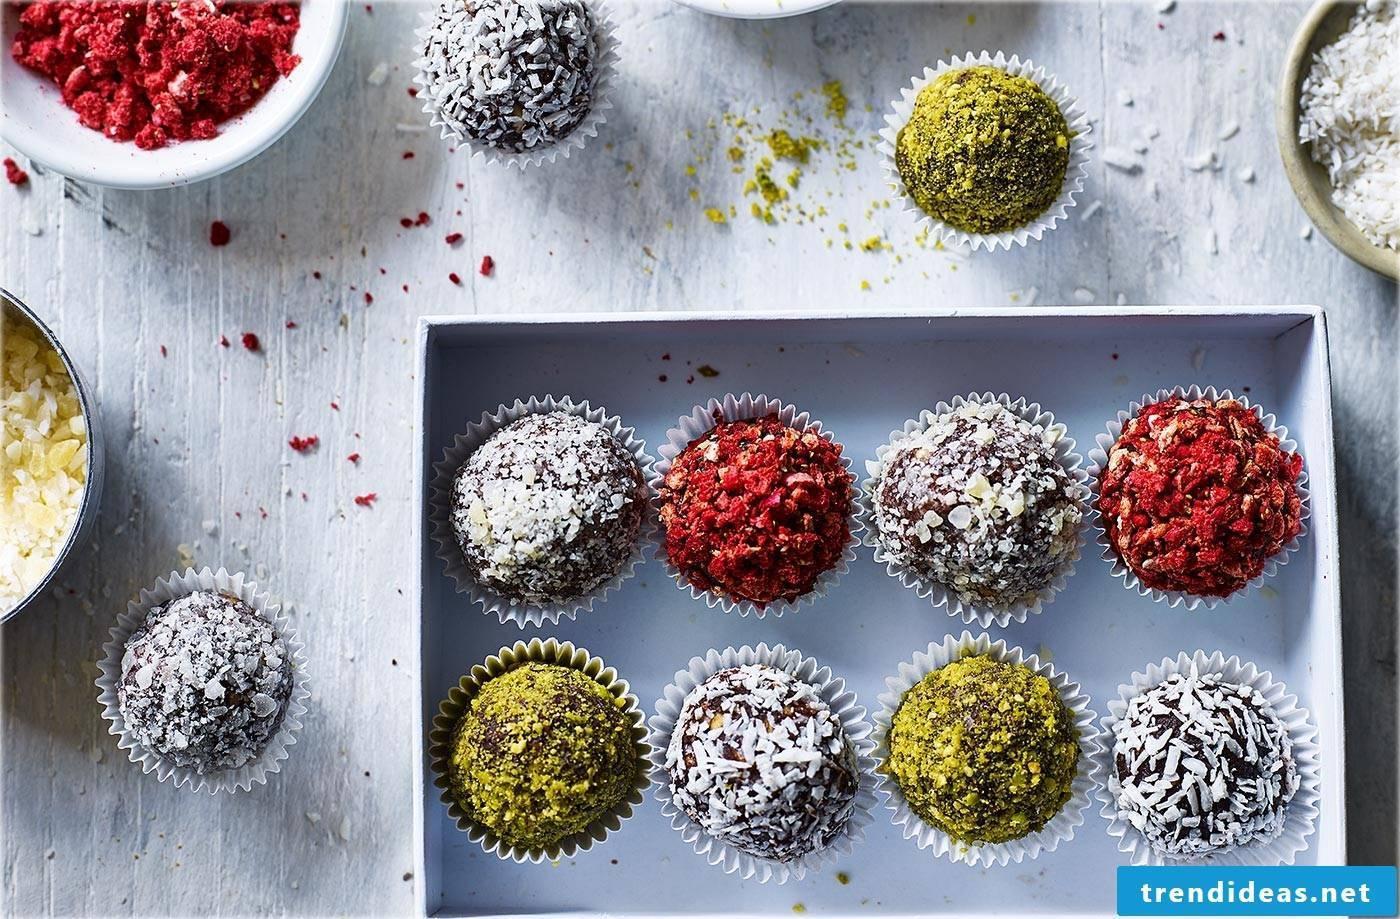 Gift ideas Christmas - Christmas cookies